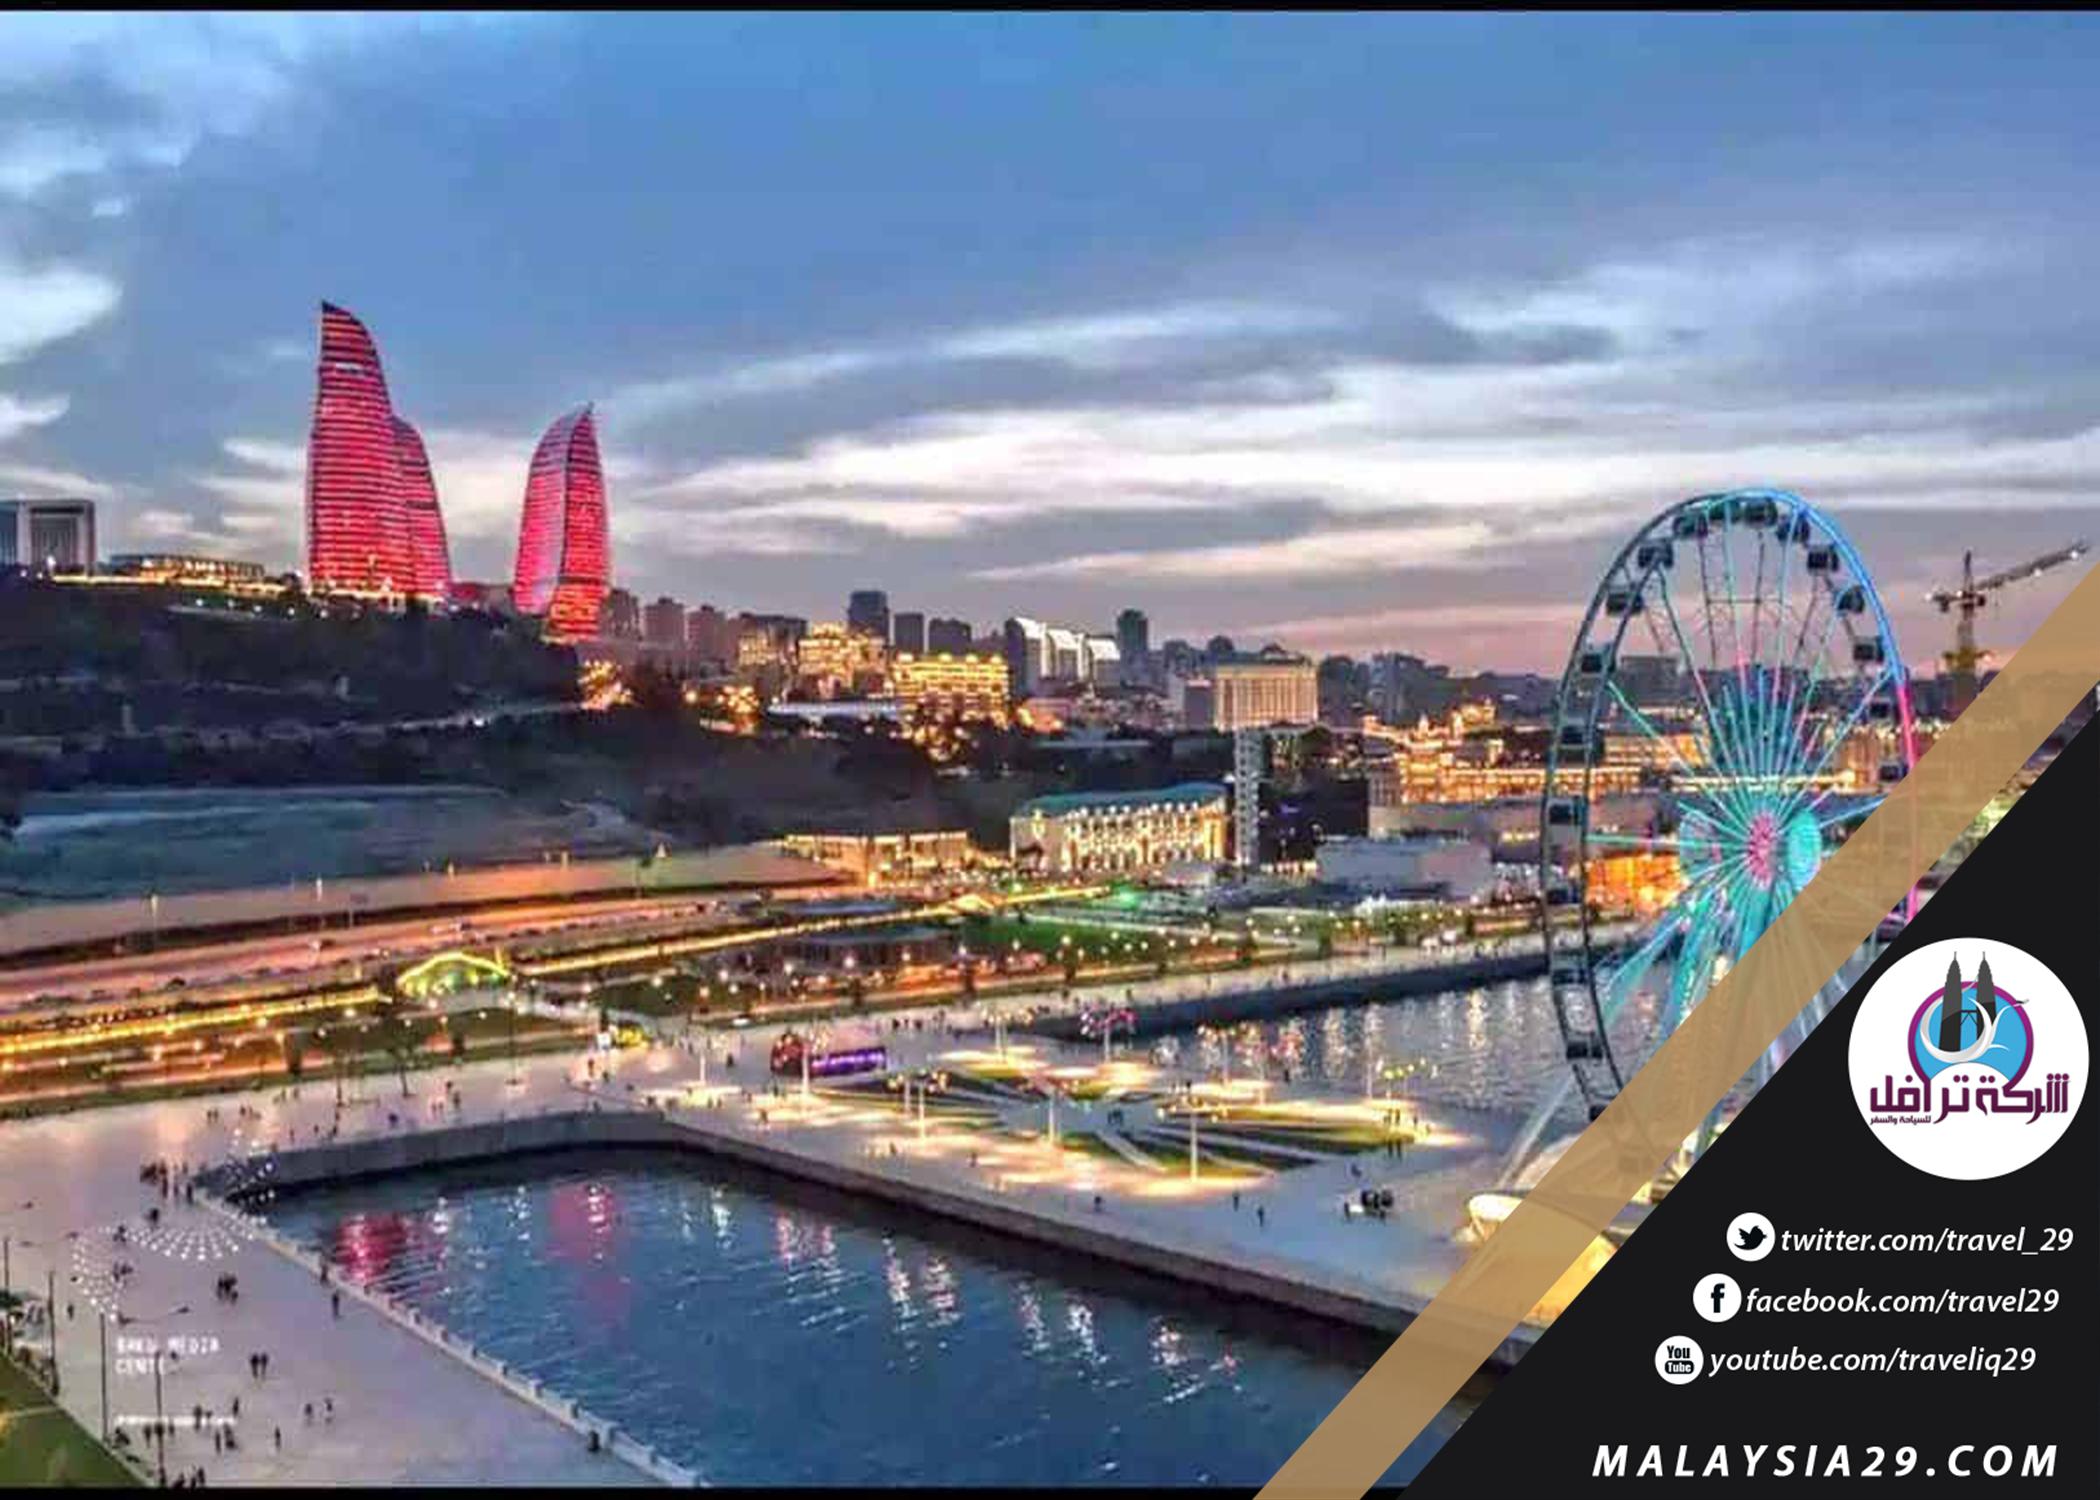 أفضل فنادق باكو اذربيجان الموصى بها 2019